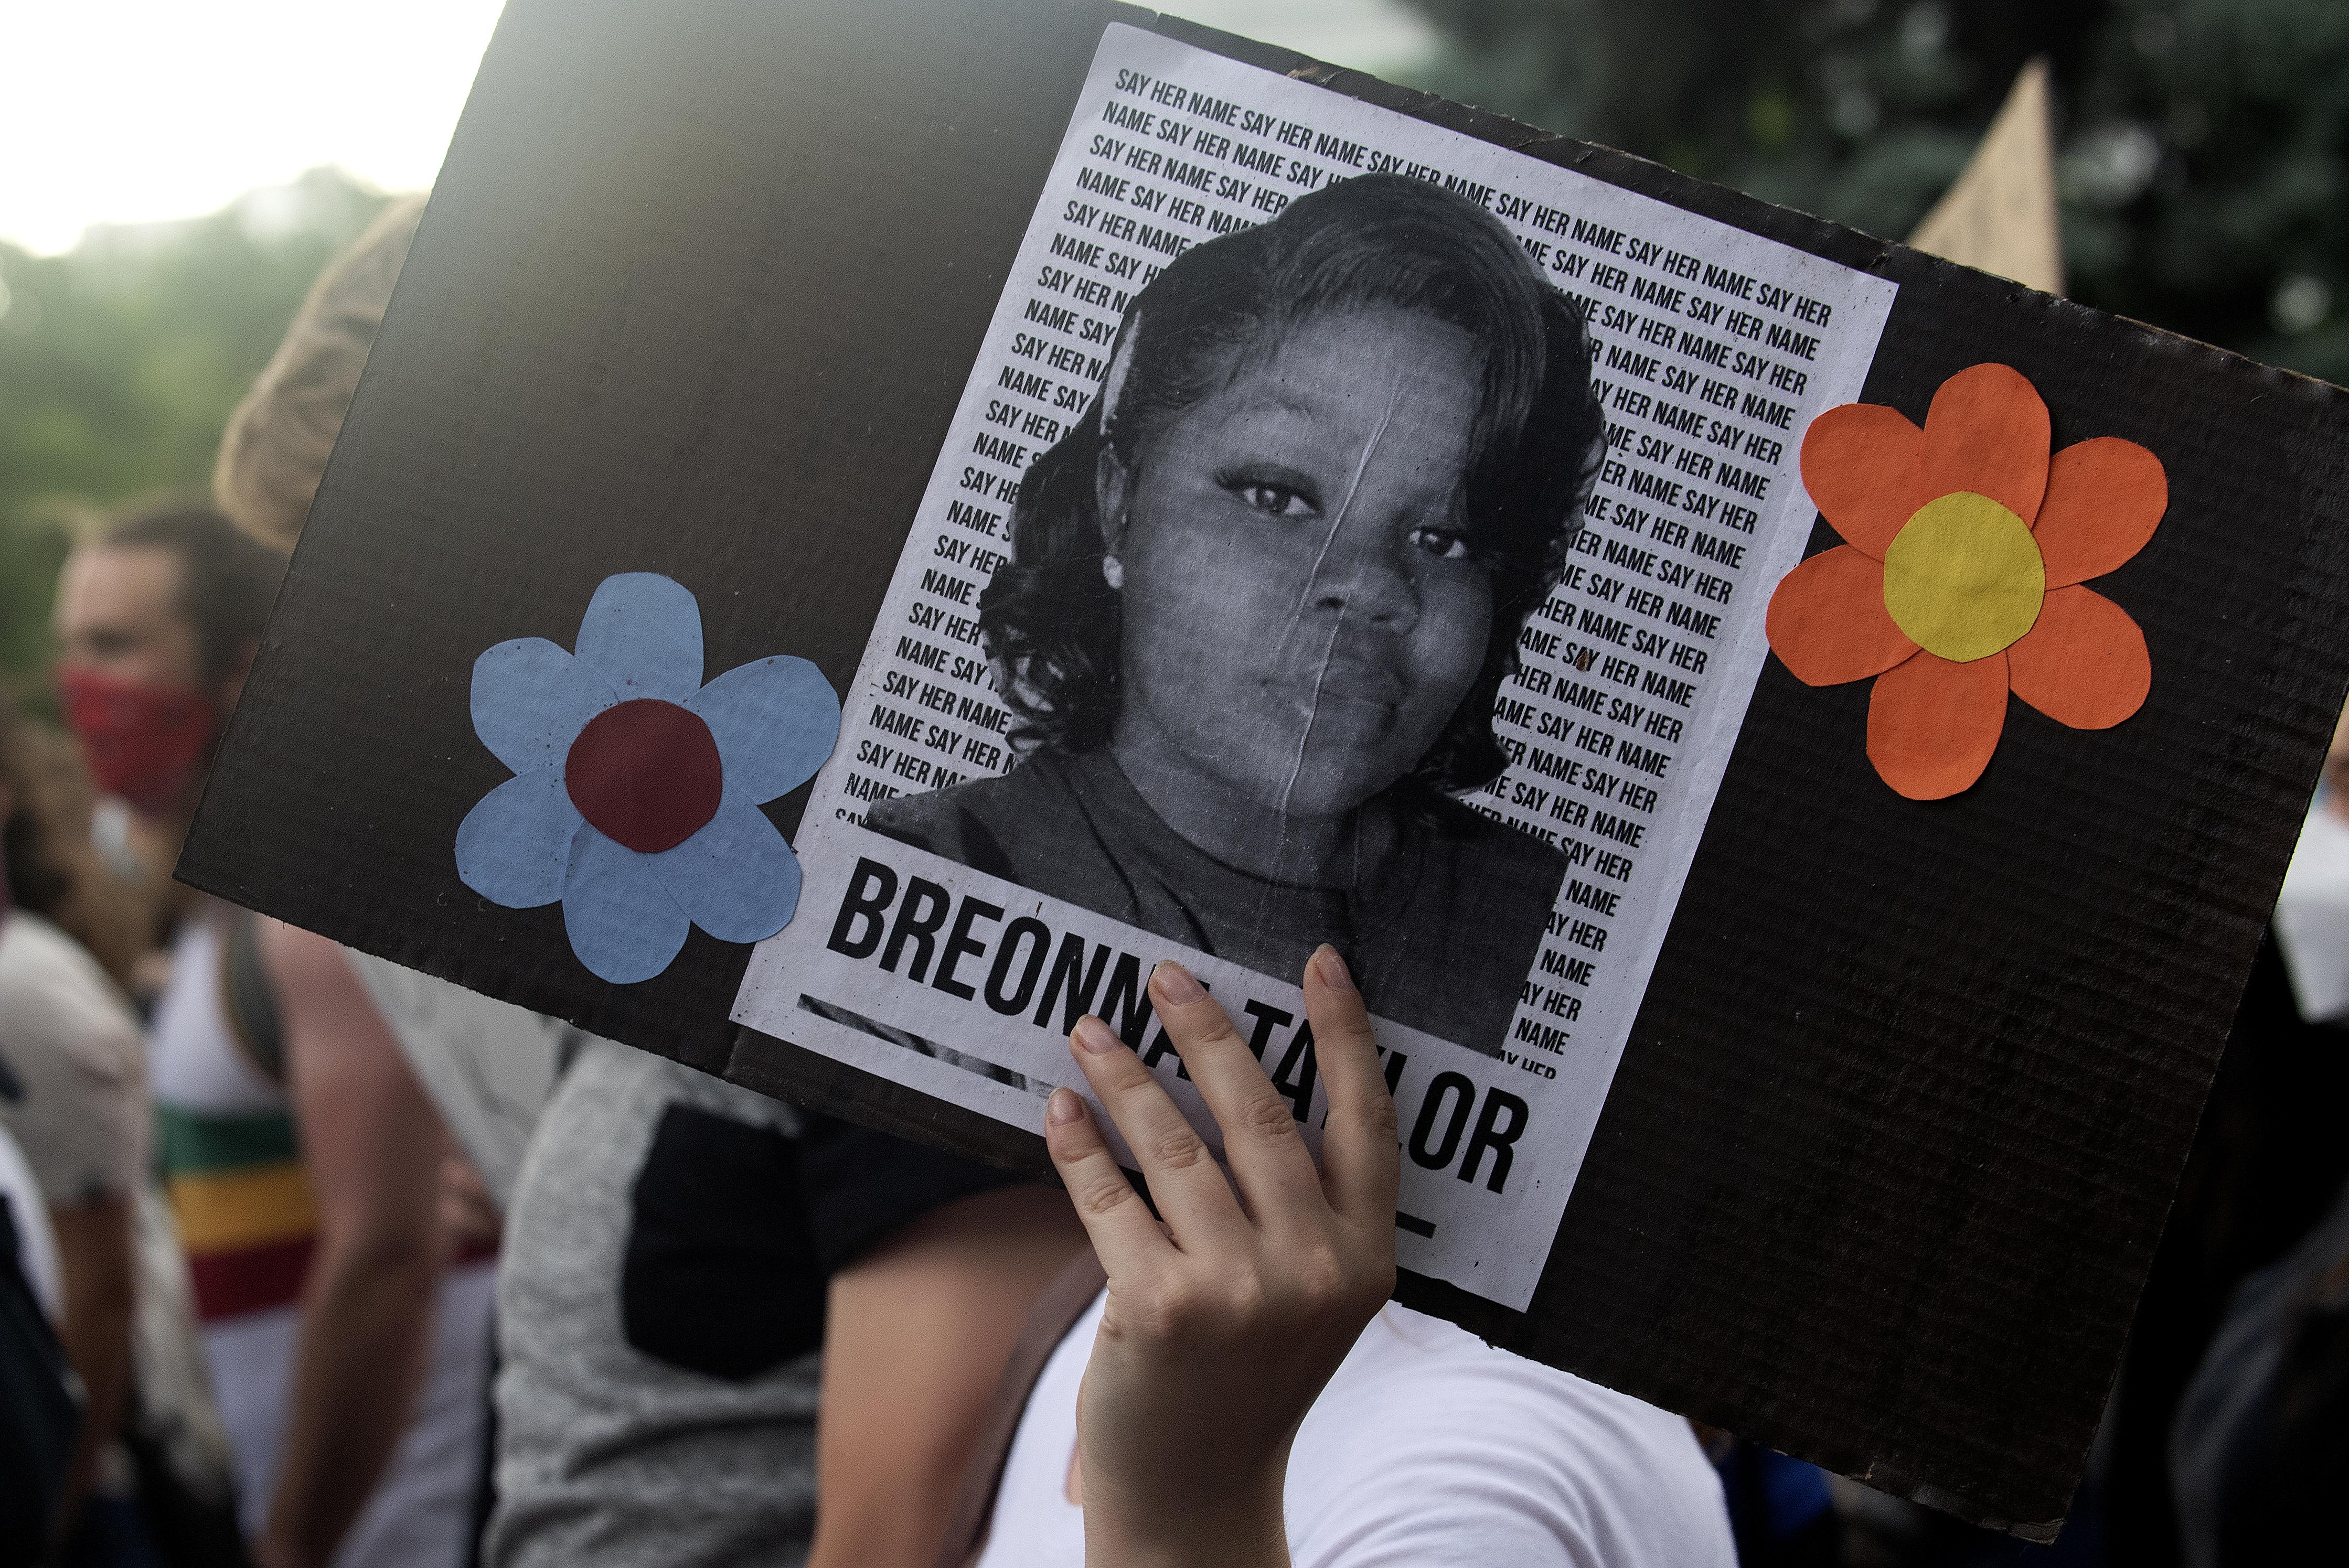 12 millió dolláros kártérítést fizetne a rendőri erőszak áldozatává vált Breonna Taylor családjának Louisville városa